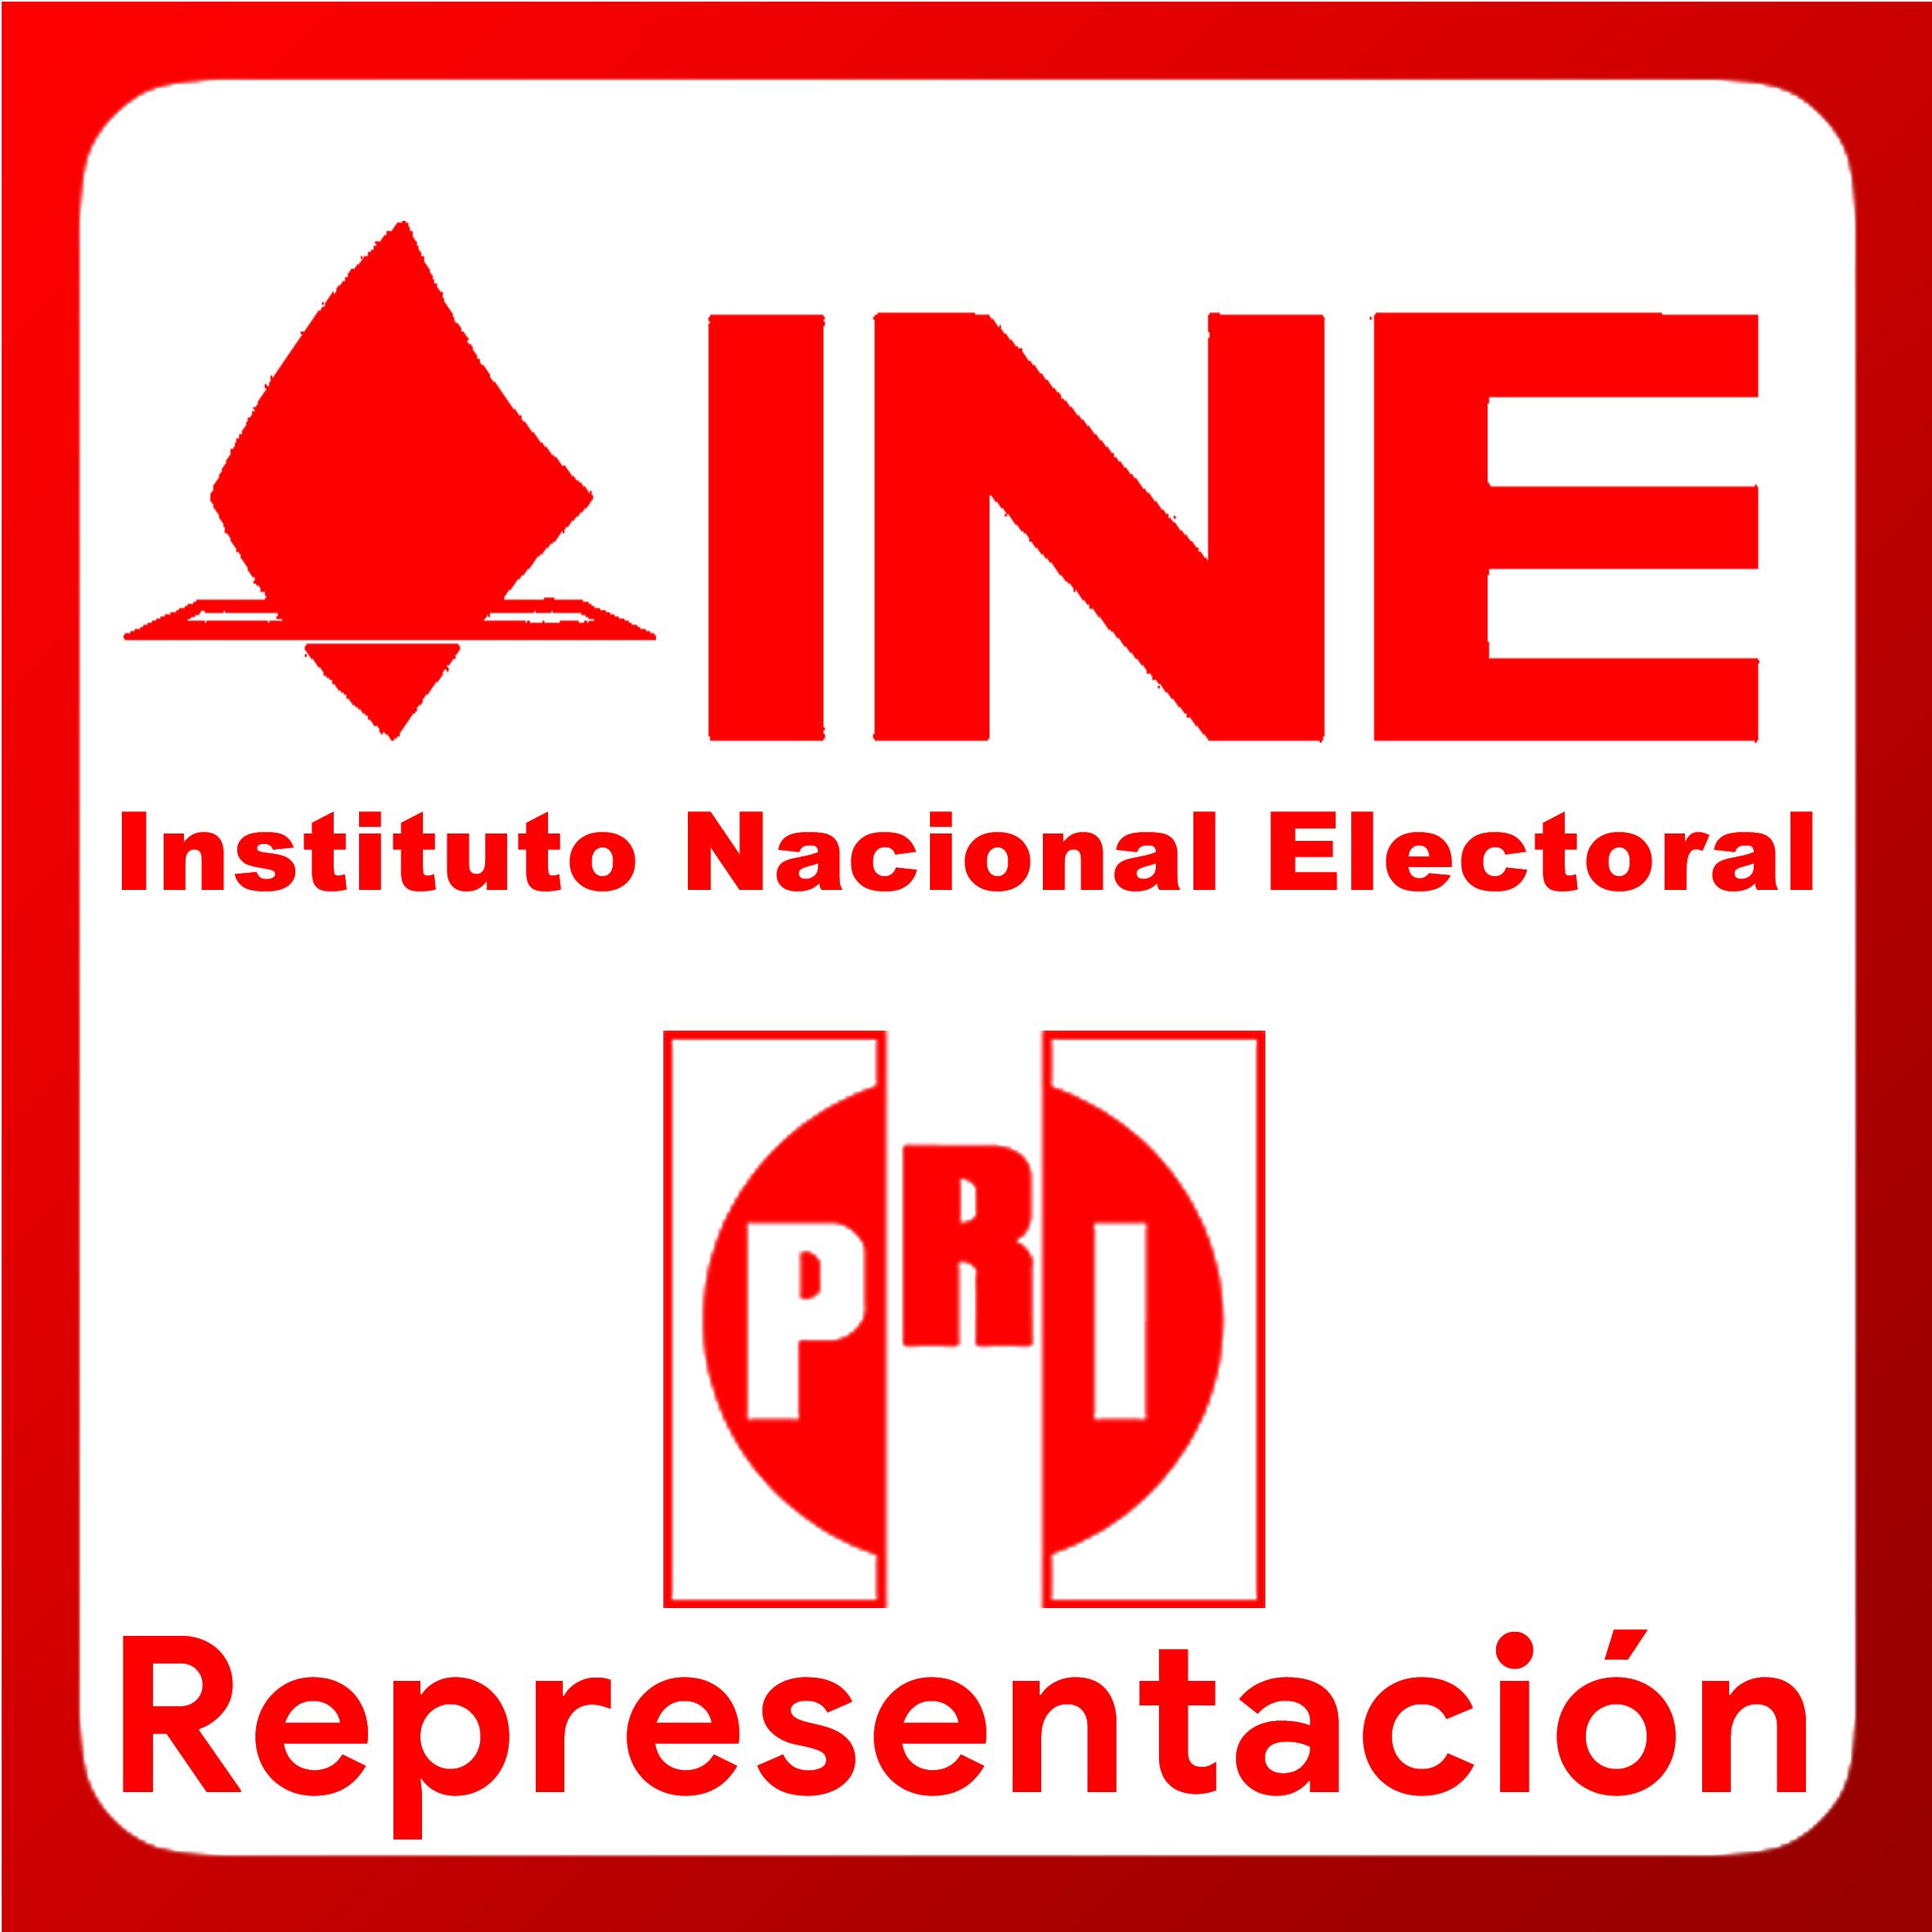 Boton activable de Representación ante los Consejos Local y Distritales, así como ante las Juntas Local y Distritales de Vigilancia del Instituto Nacional Electoral en Sinaloa